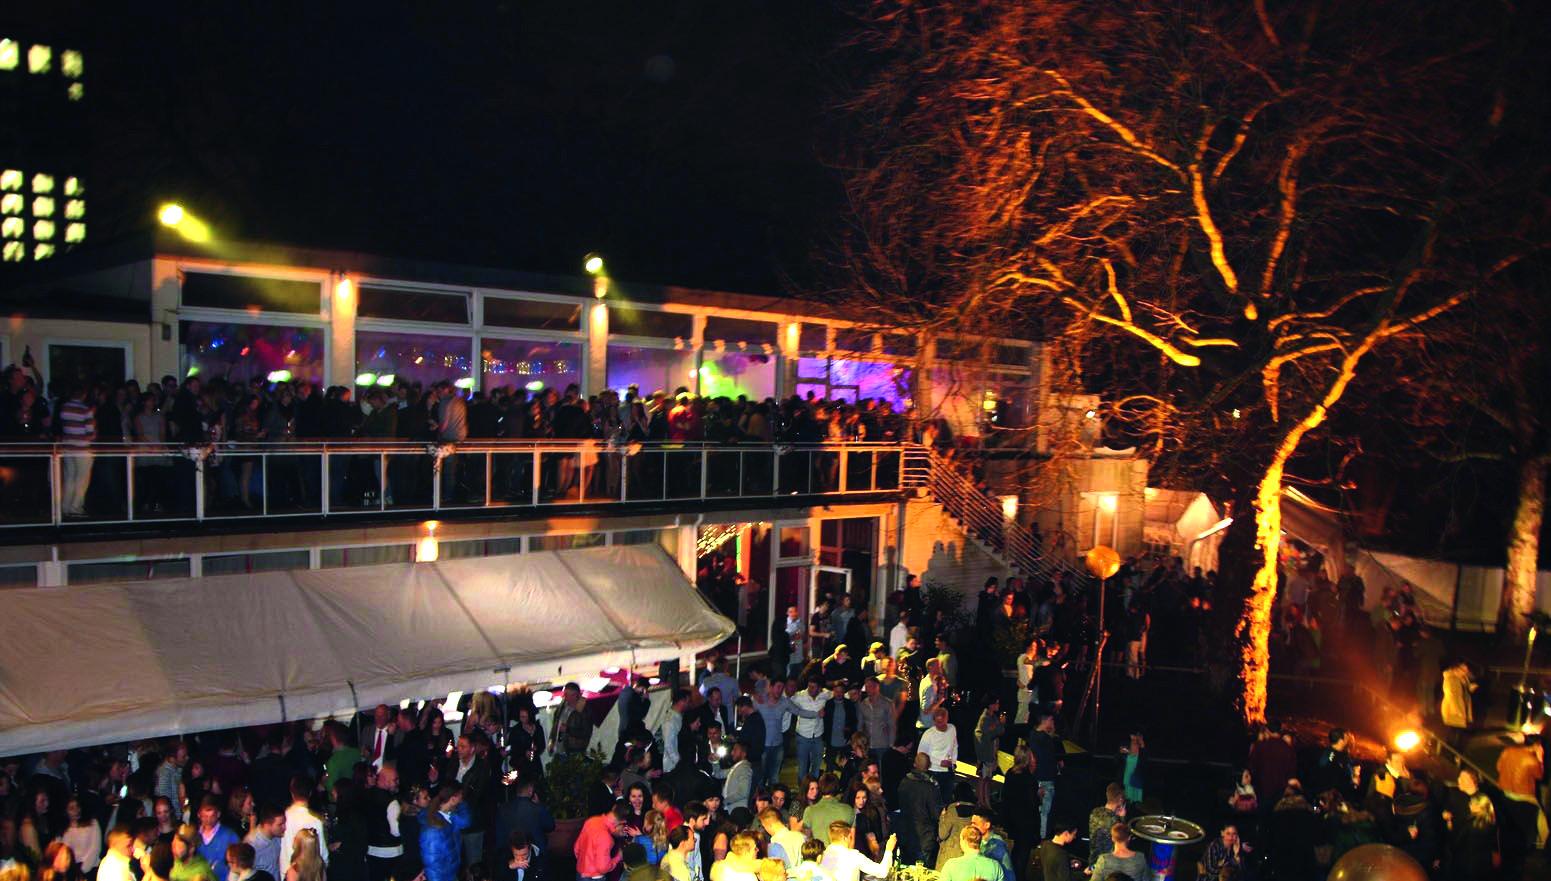 Cafe Seeterrassen Park - OXMOX verlost Tickets: Die besten Silvester-Partys